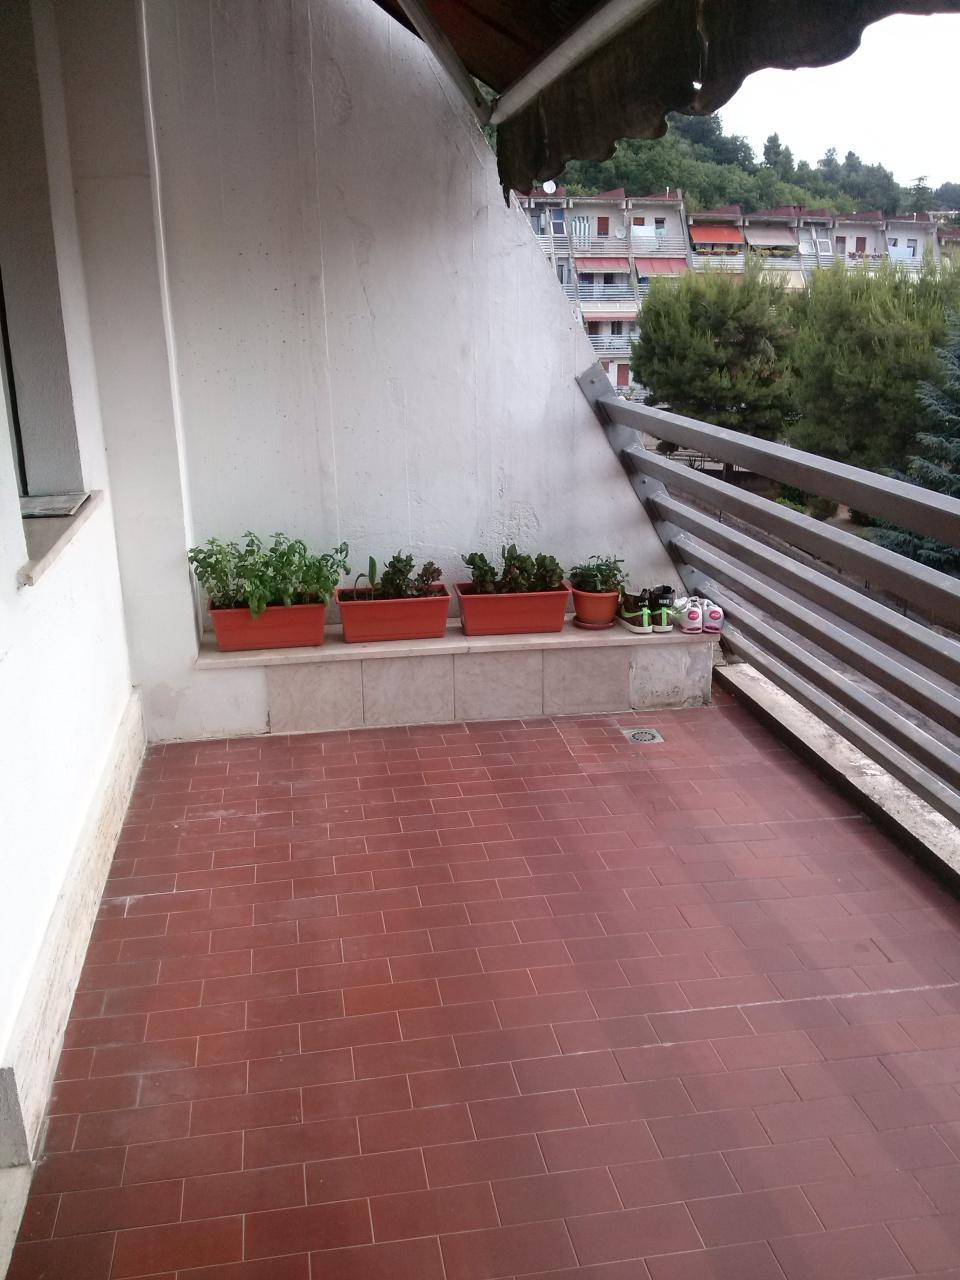 Appartamento in vendita a Ascoli Piceno, 9999 locali, zona Località: P.taCappuccina, prezzo € 90.000 | Cambio Casa.it